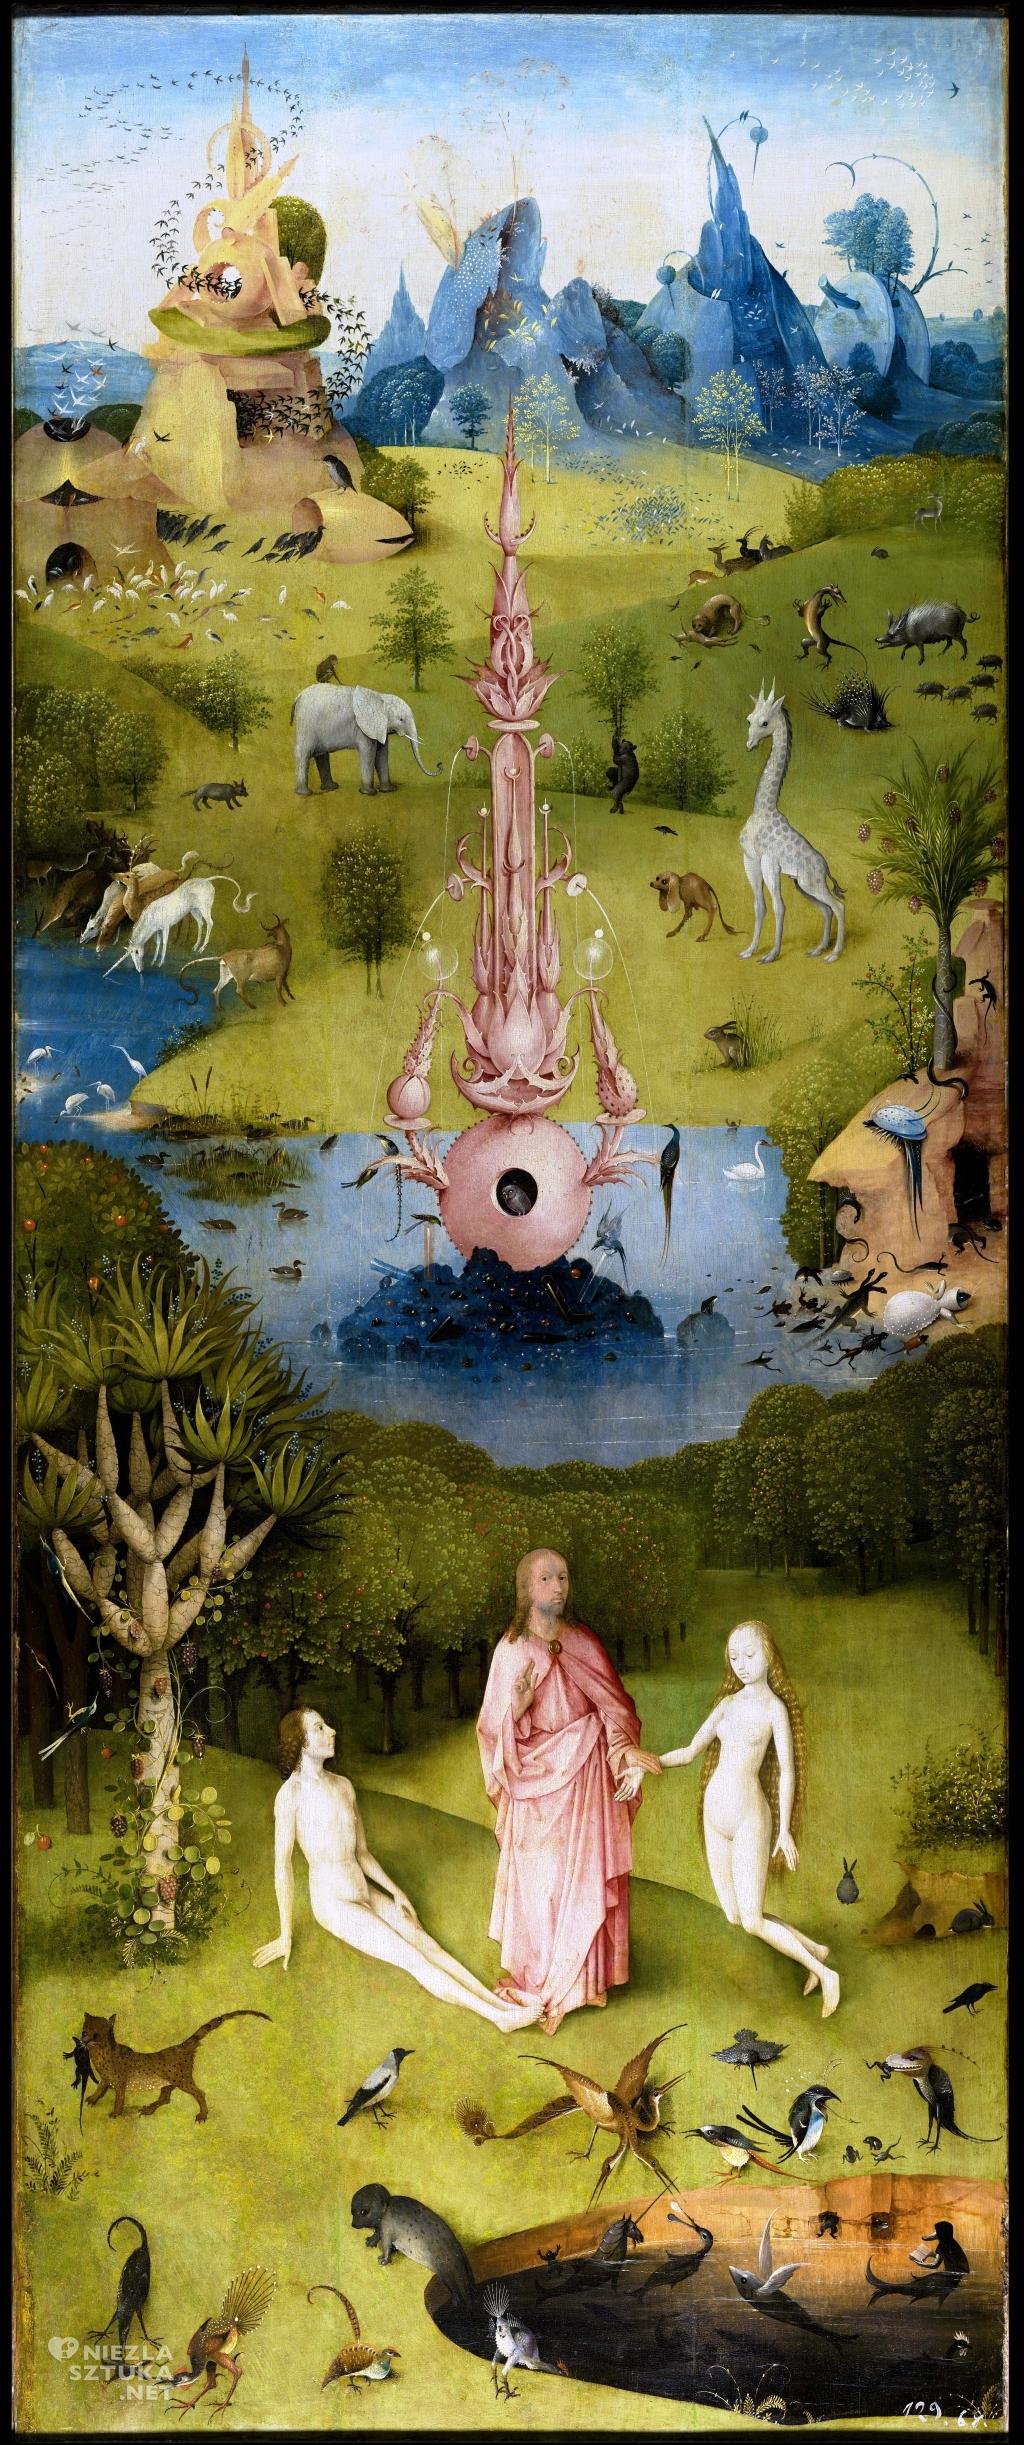 Hieronim Bosch Ogród rozkoszy ziemskich, lewy panel | ok. 1500, tryptyk, Museo del Prado, Madryt